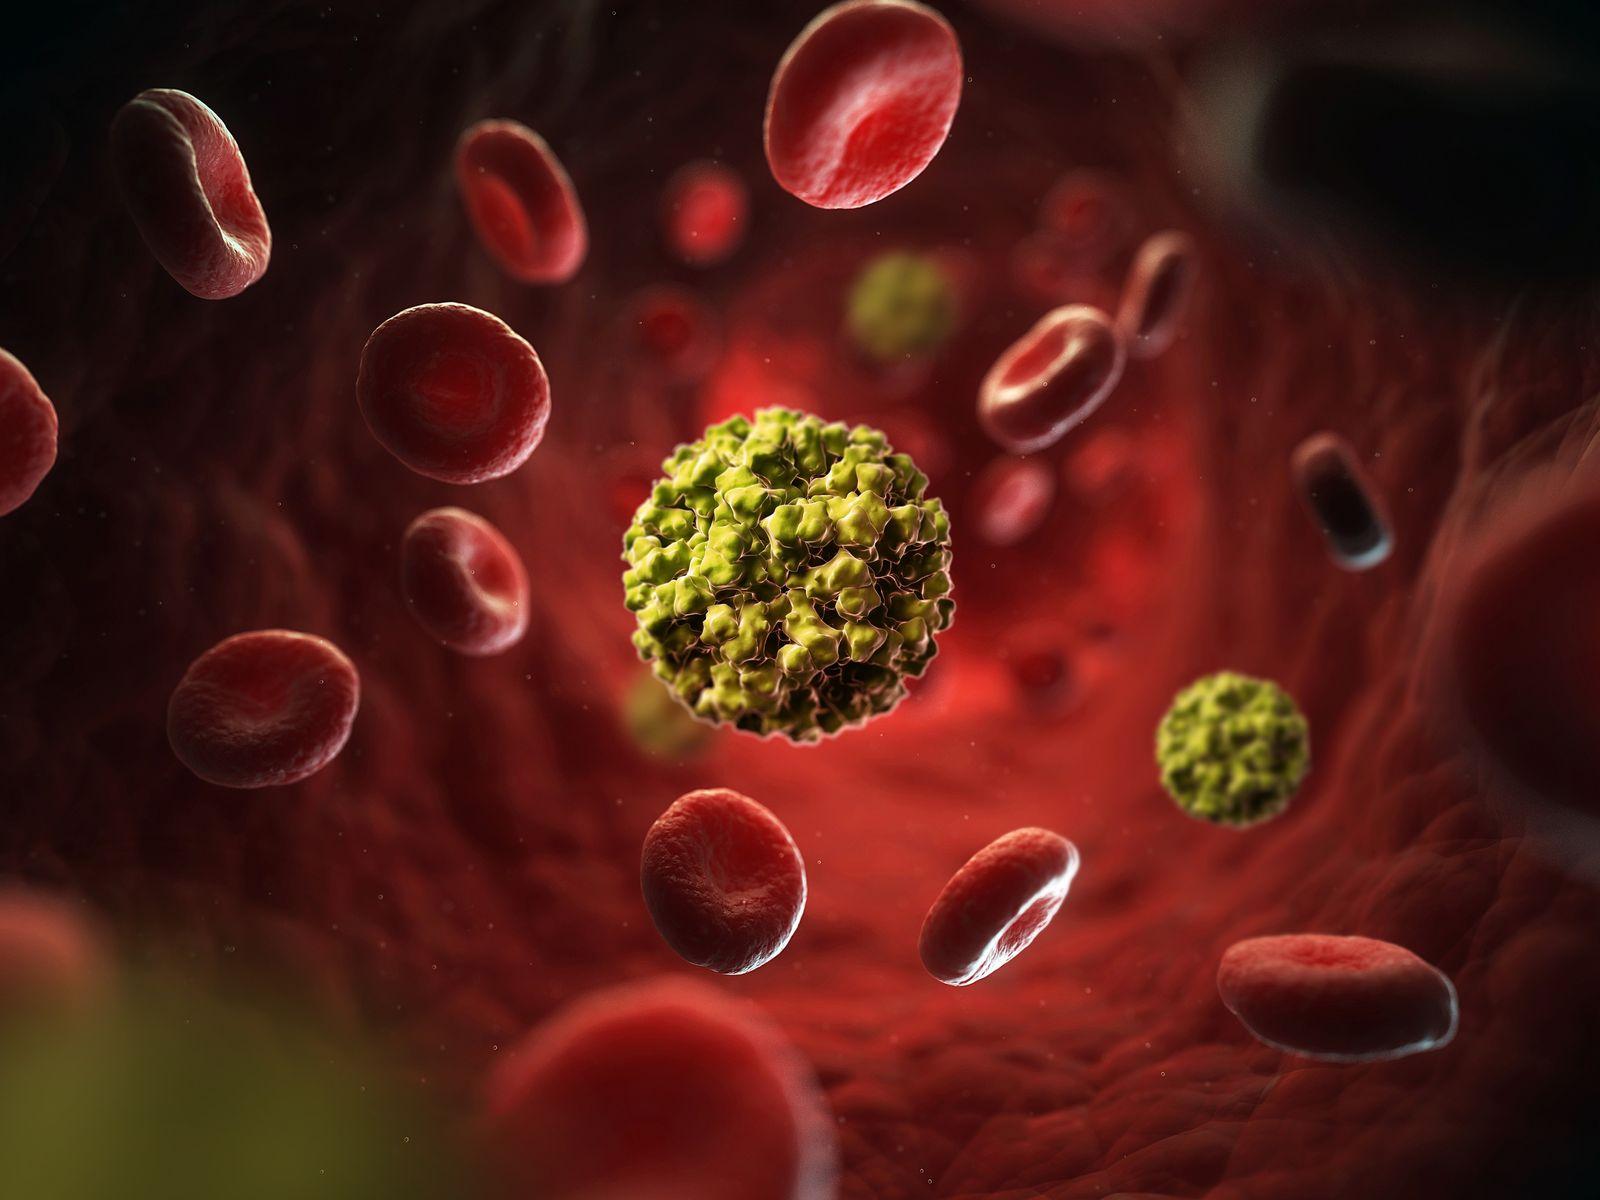 NICHT MEHR VERWENDEN! - Norovirus / GESUNDHEIT